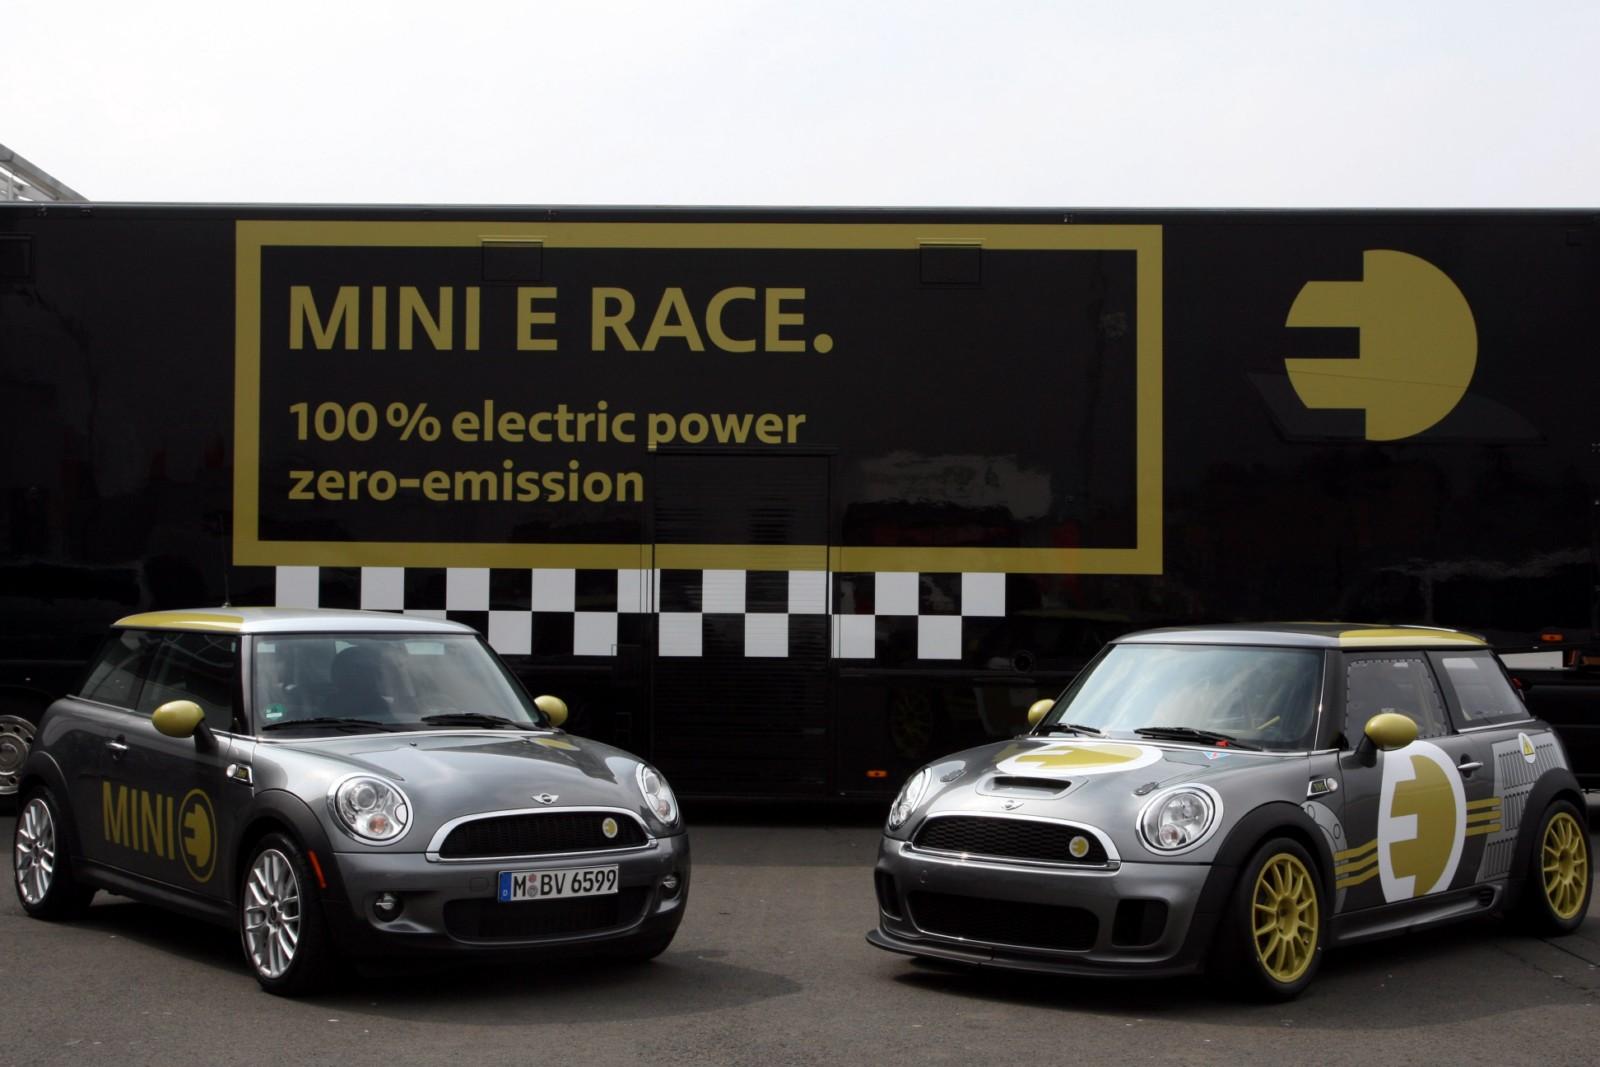 mini e race version 2